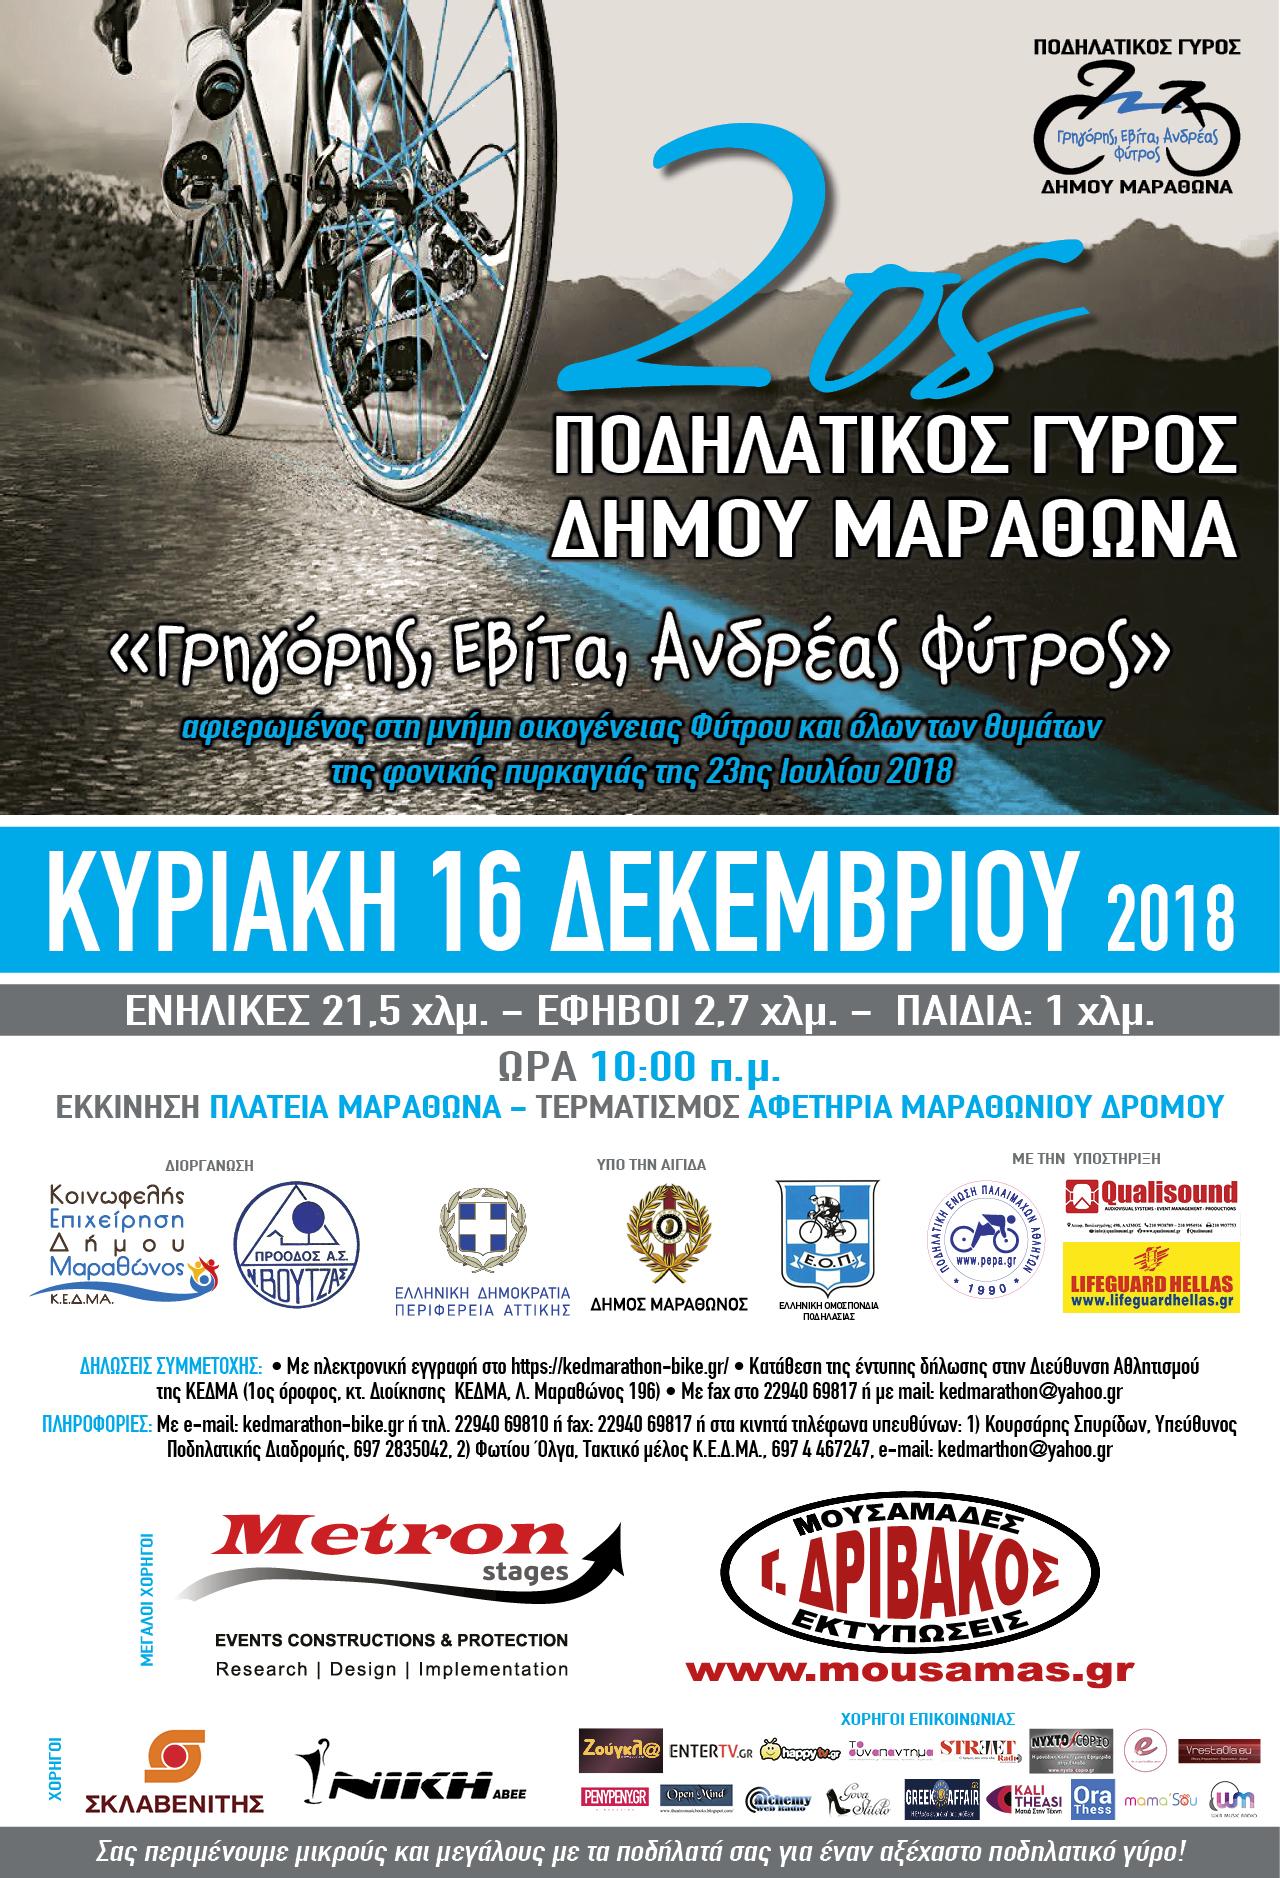 2ος ποδηλατικός γύρος αφίσα